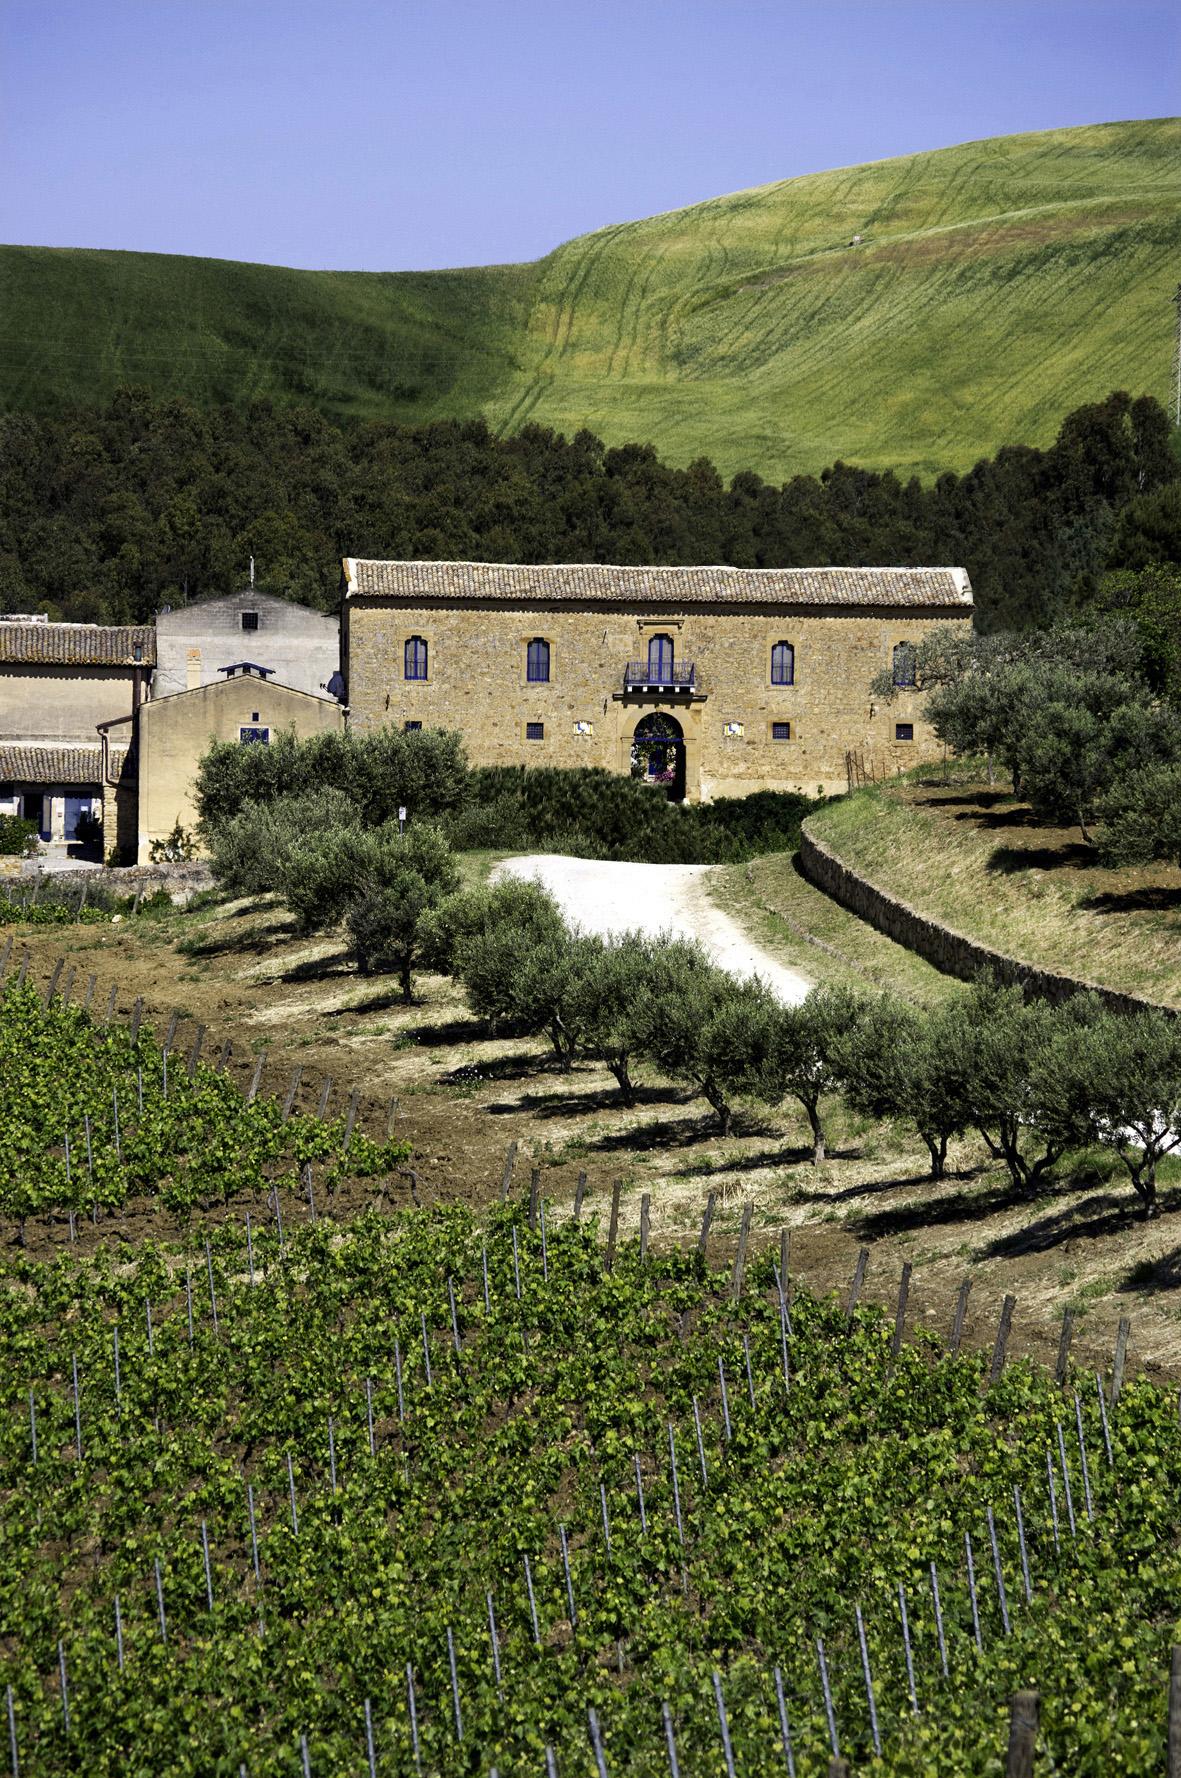 Regaleali vigne e tenuta